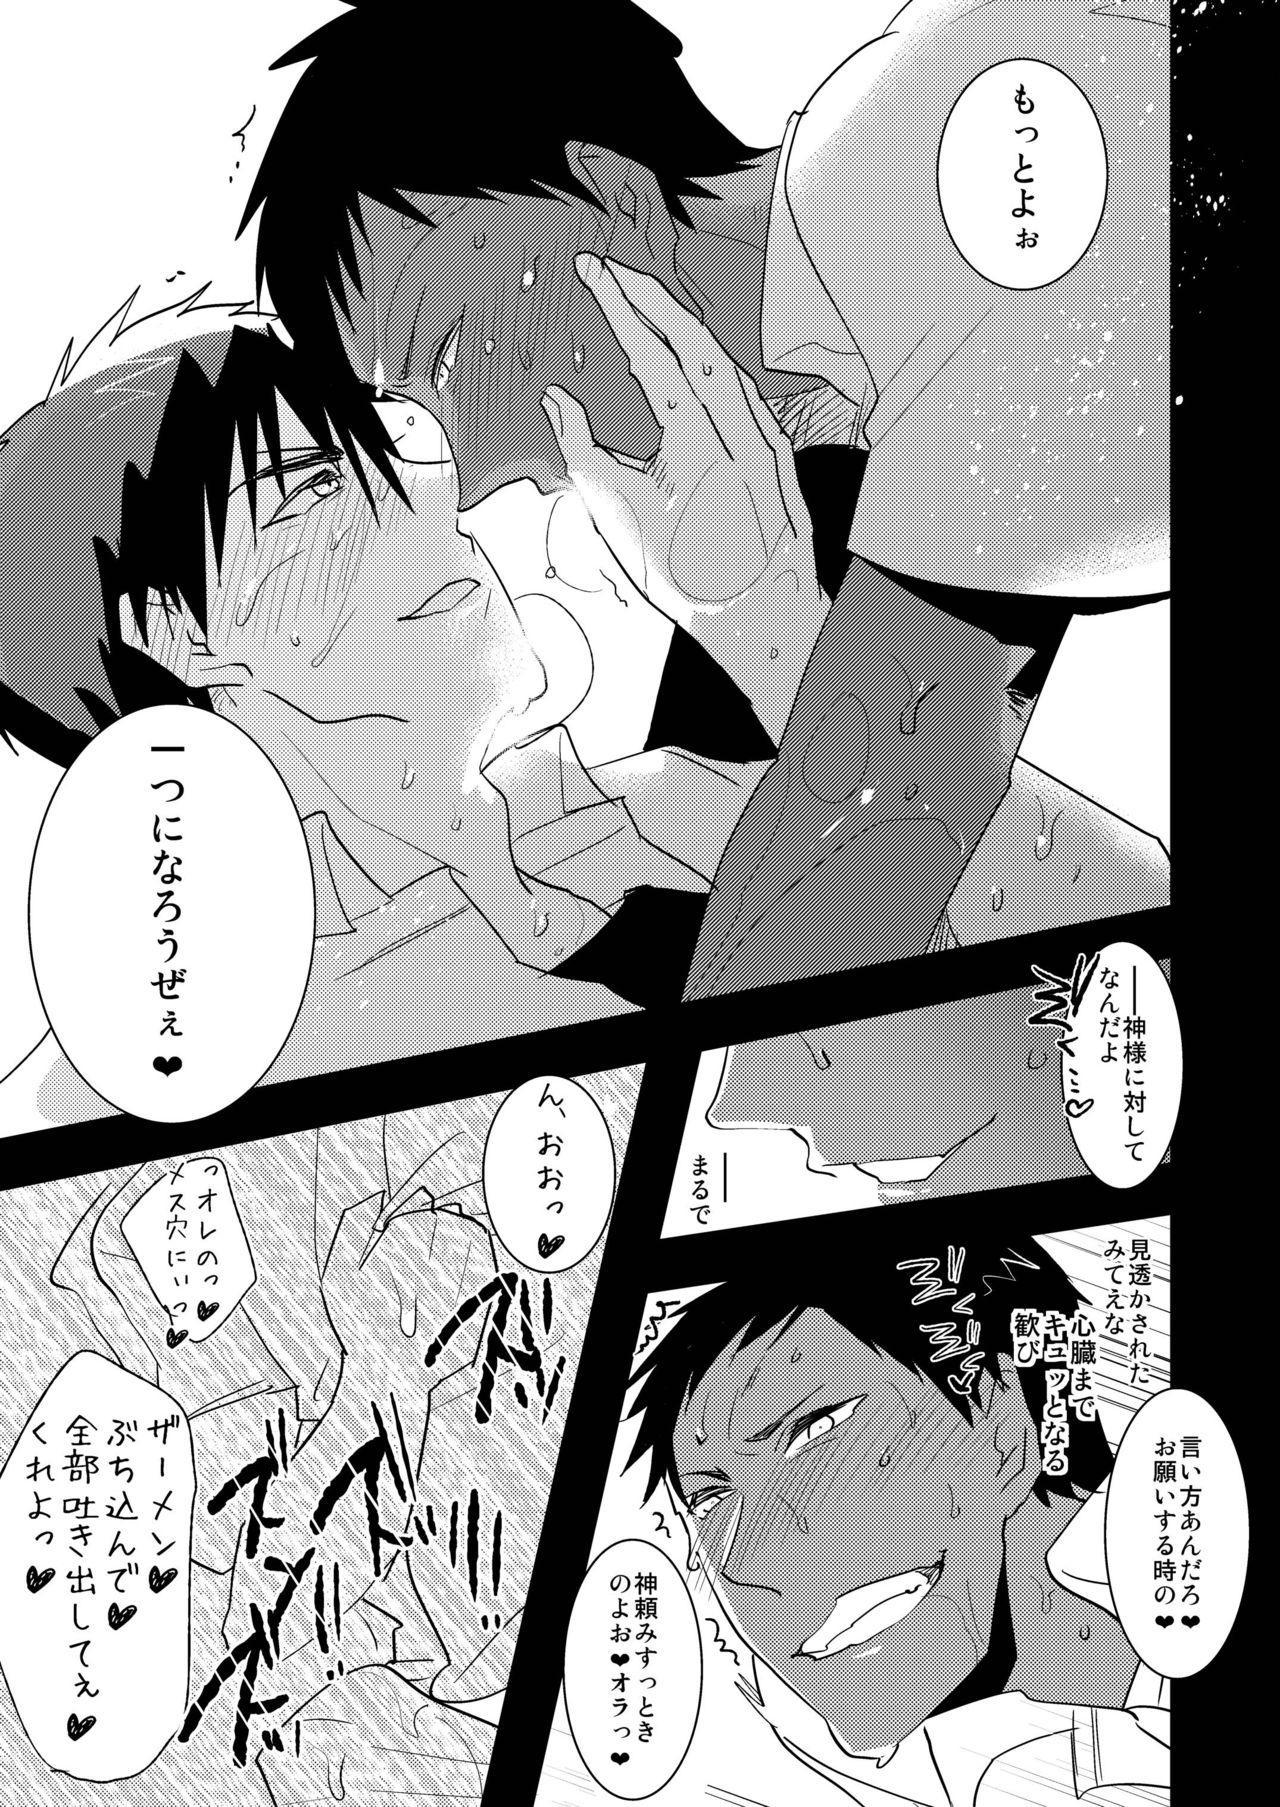 Kagami-kun no Ero hon 9 Ippatsuyara Sete Kure! 27